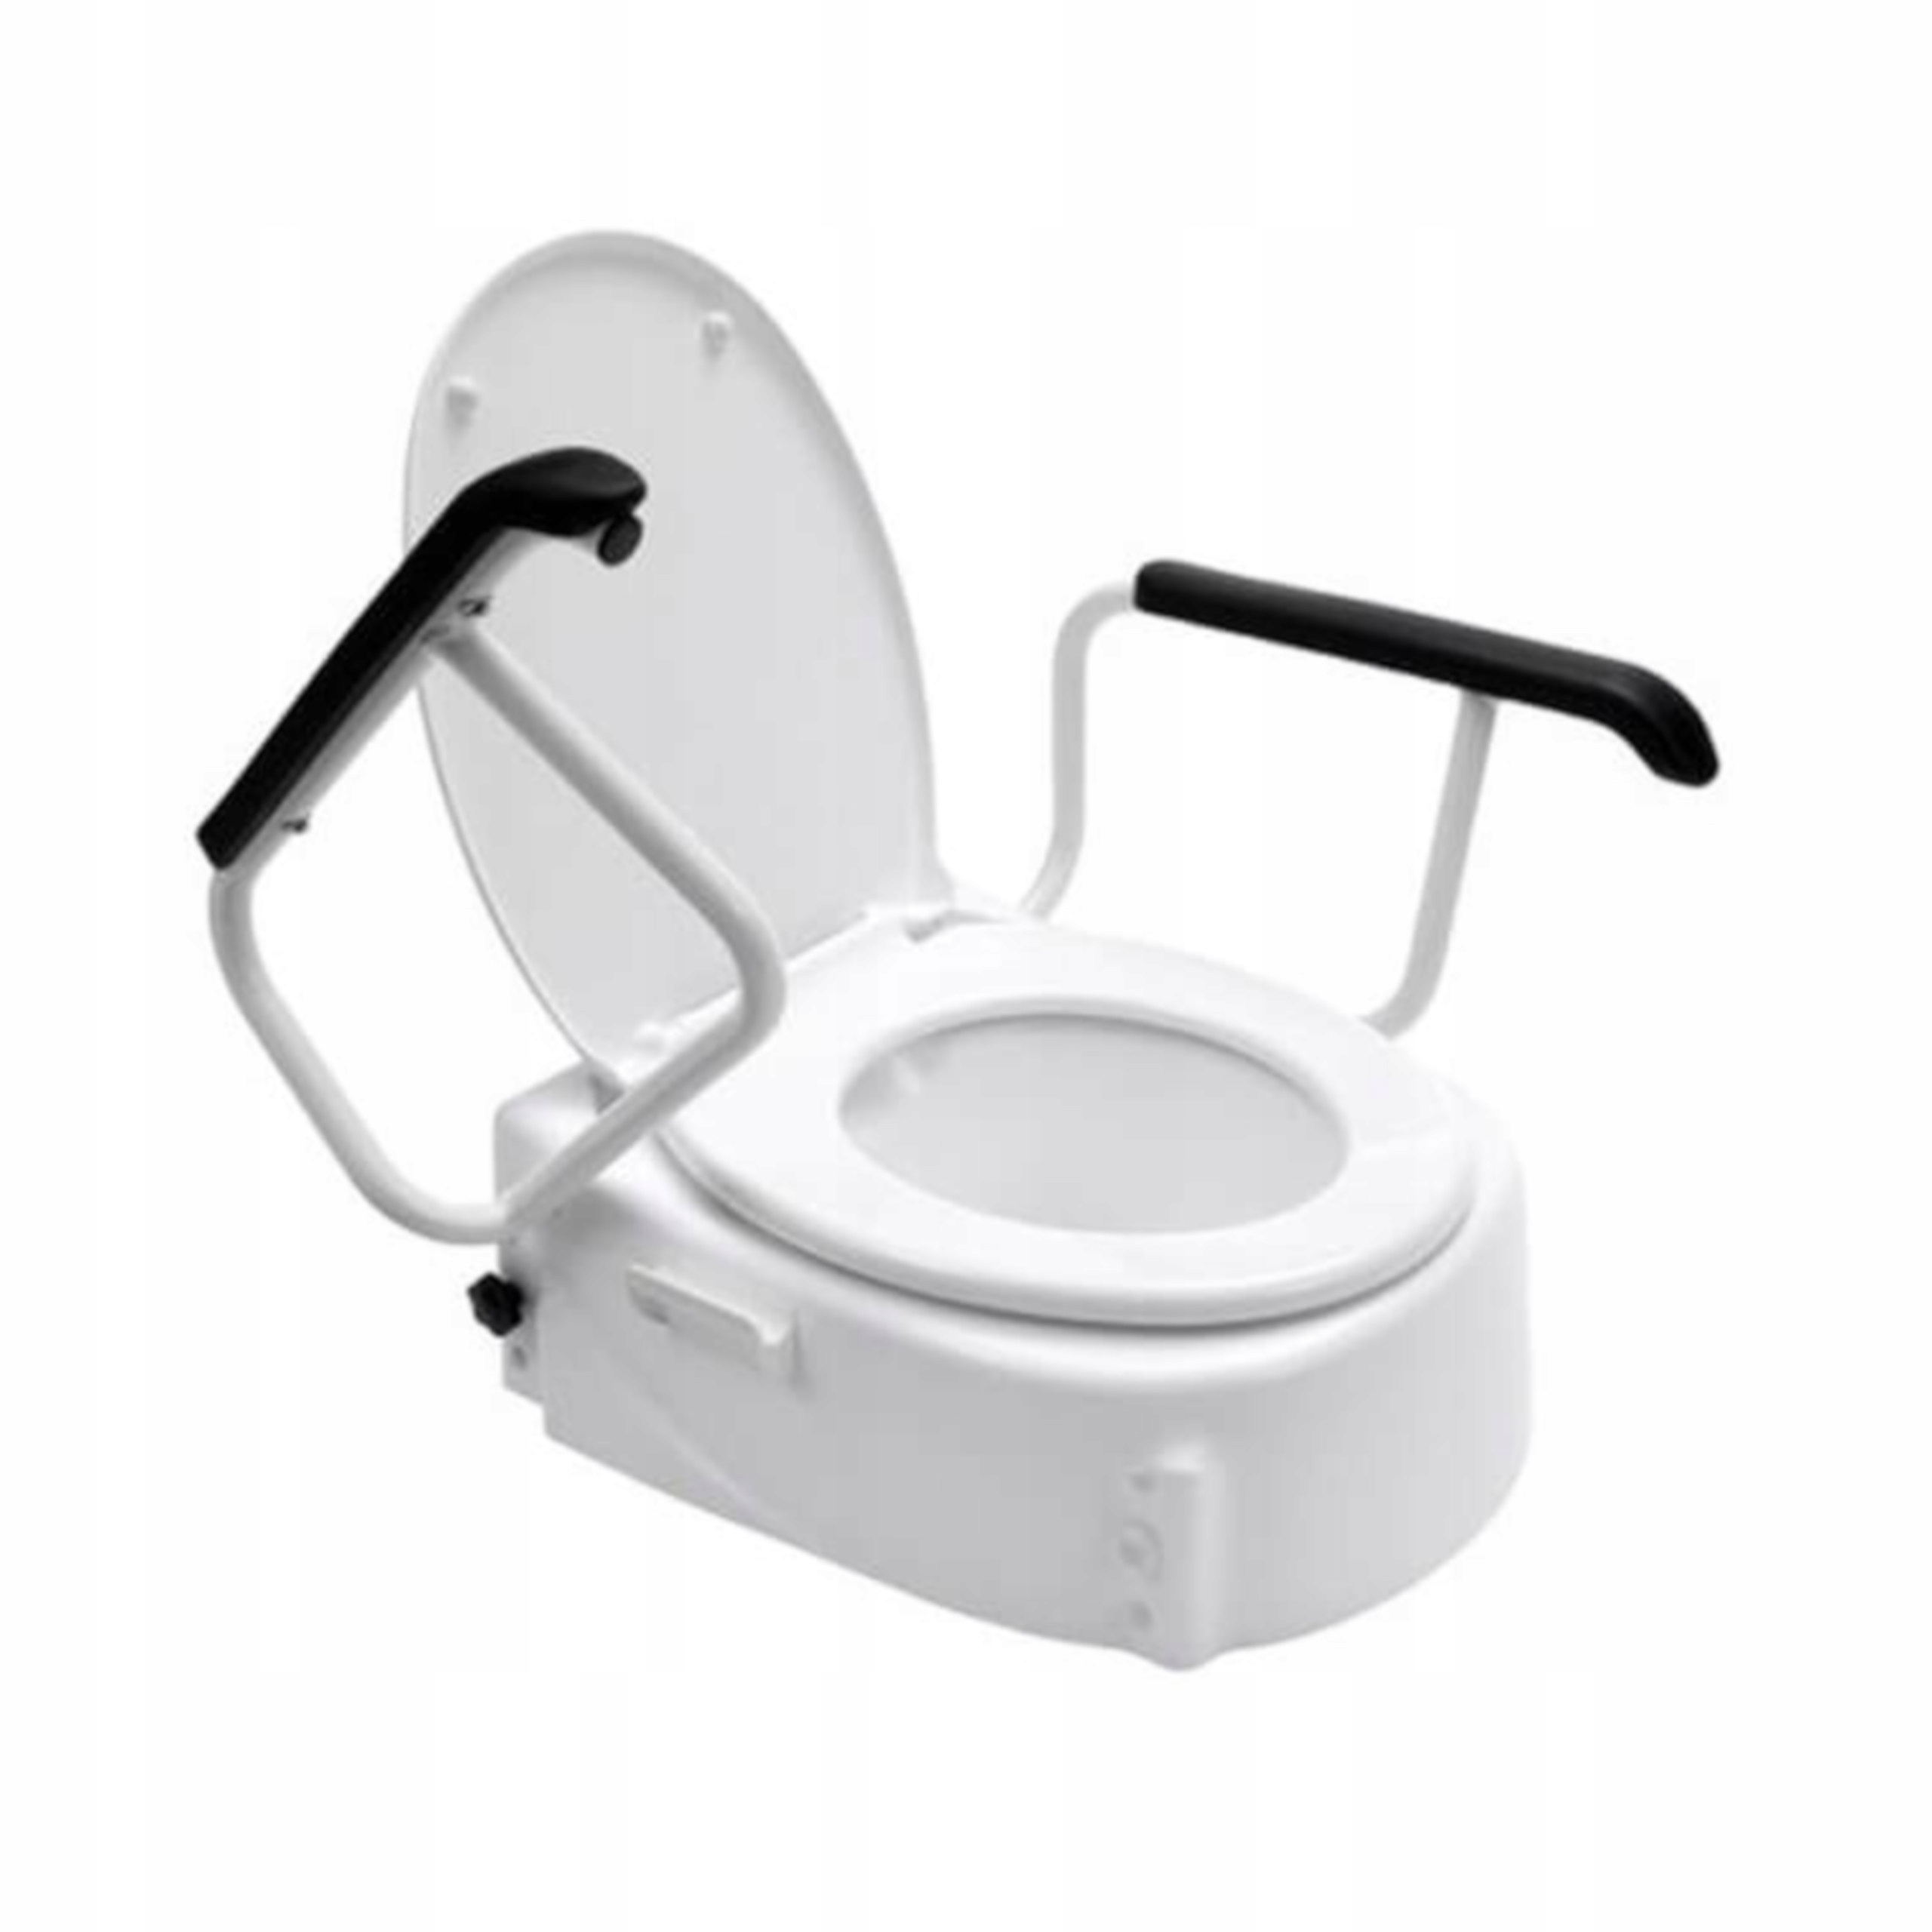 Toaletný viečko zvyšuje sedeky s zábradlím